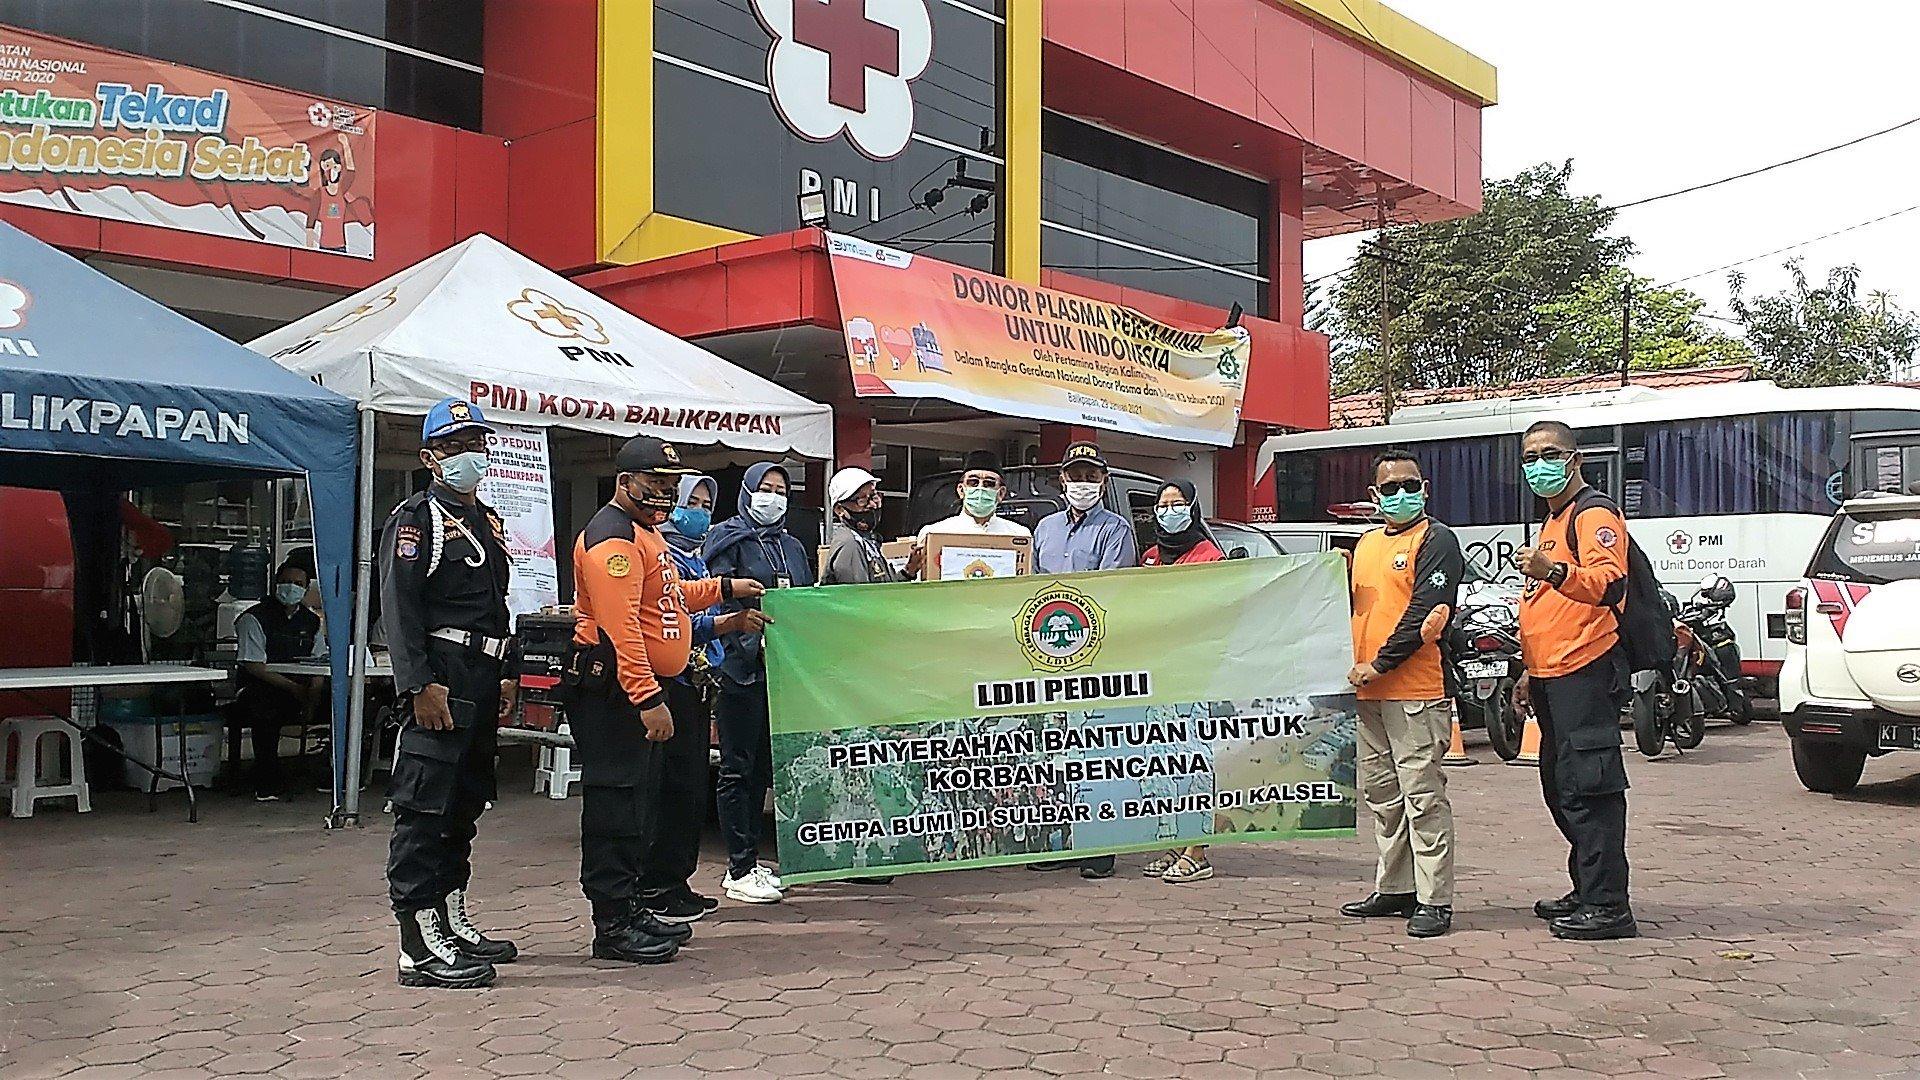 LDII Balikpapan menyerahkan paket bantuan untuk korban bencana alam Sulawesi Barat dan Kalimantan Selatan lewat Palang Merah Indonesia (PMI), Senin (1/2). Foto: LINES